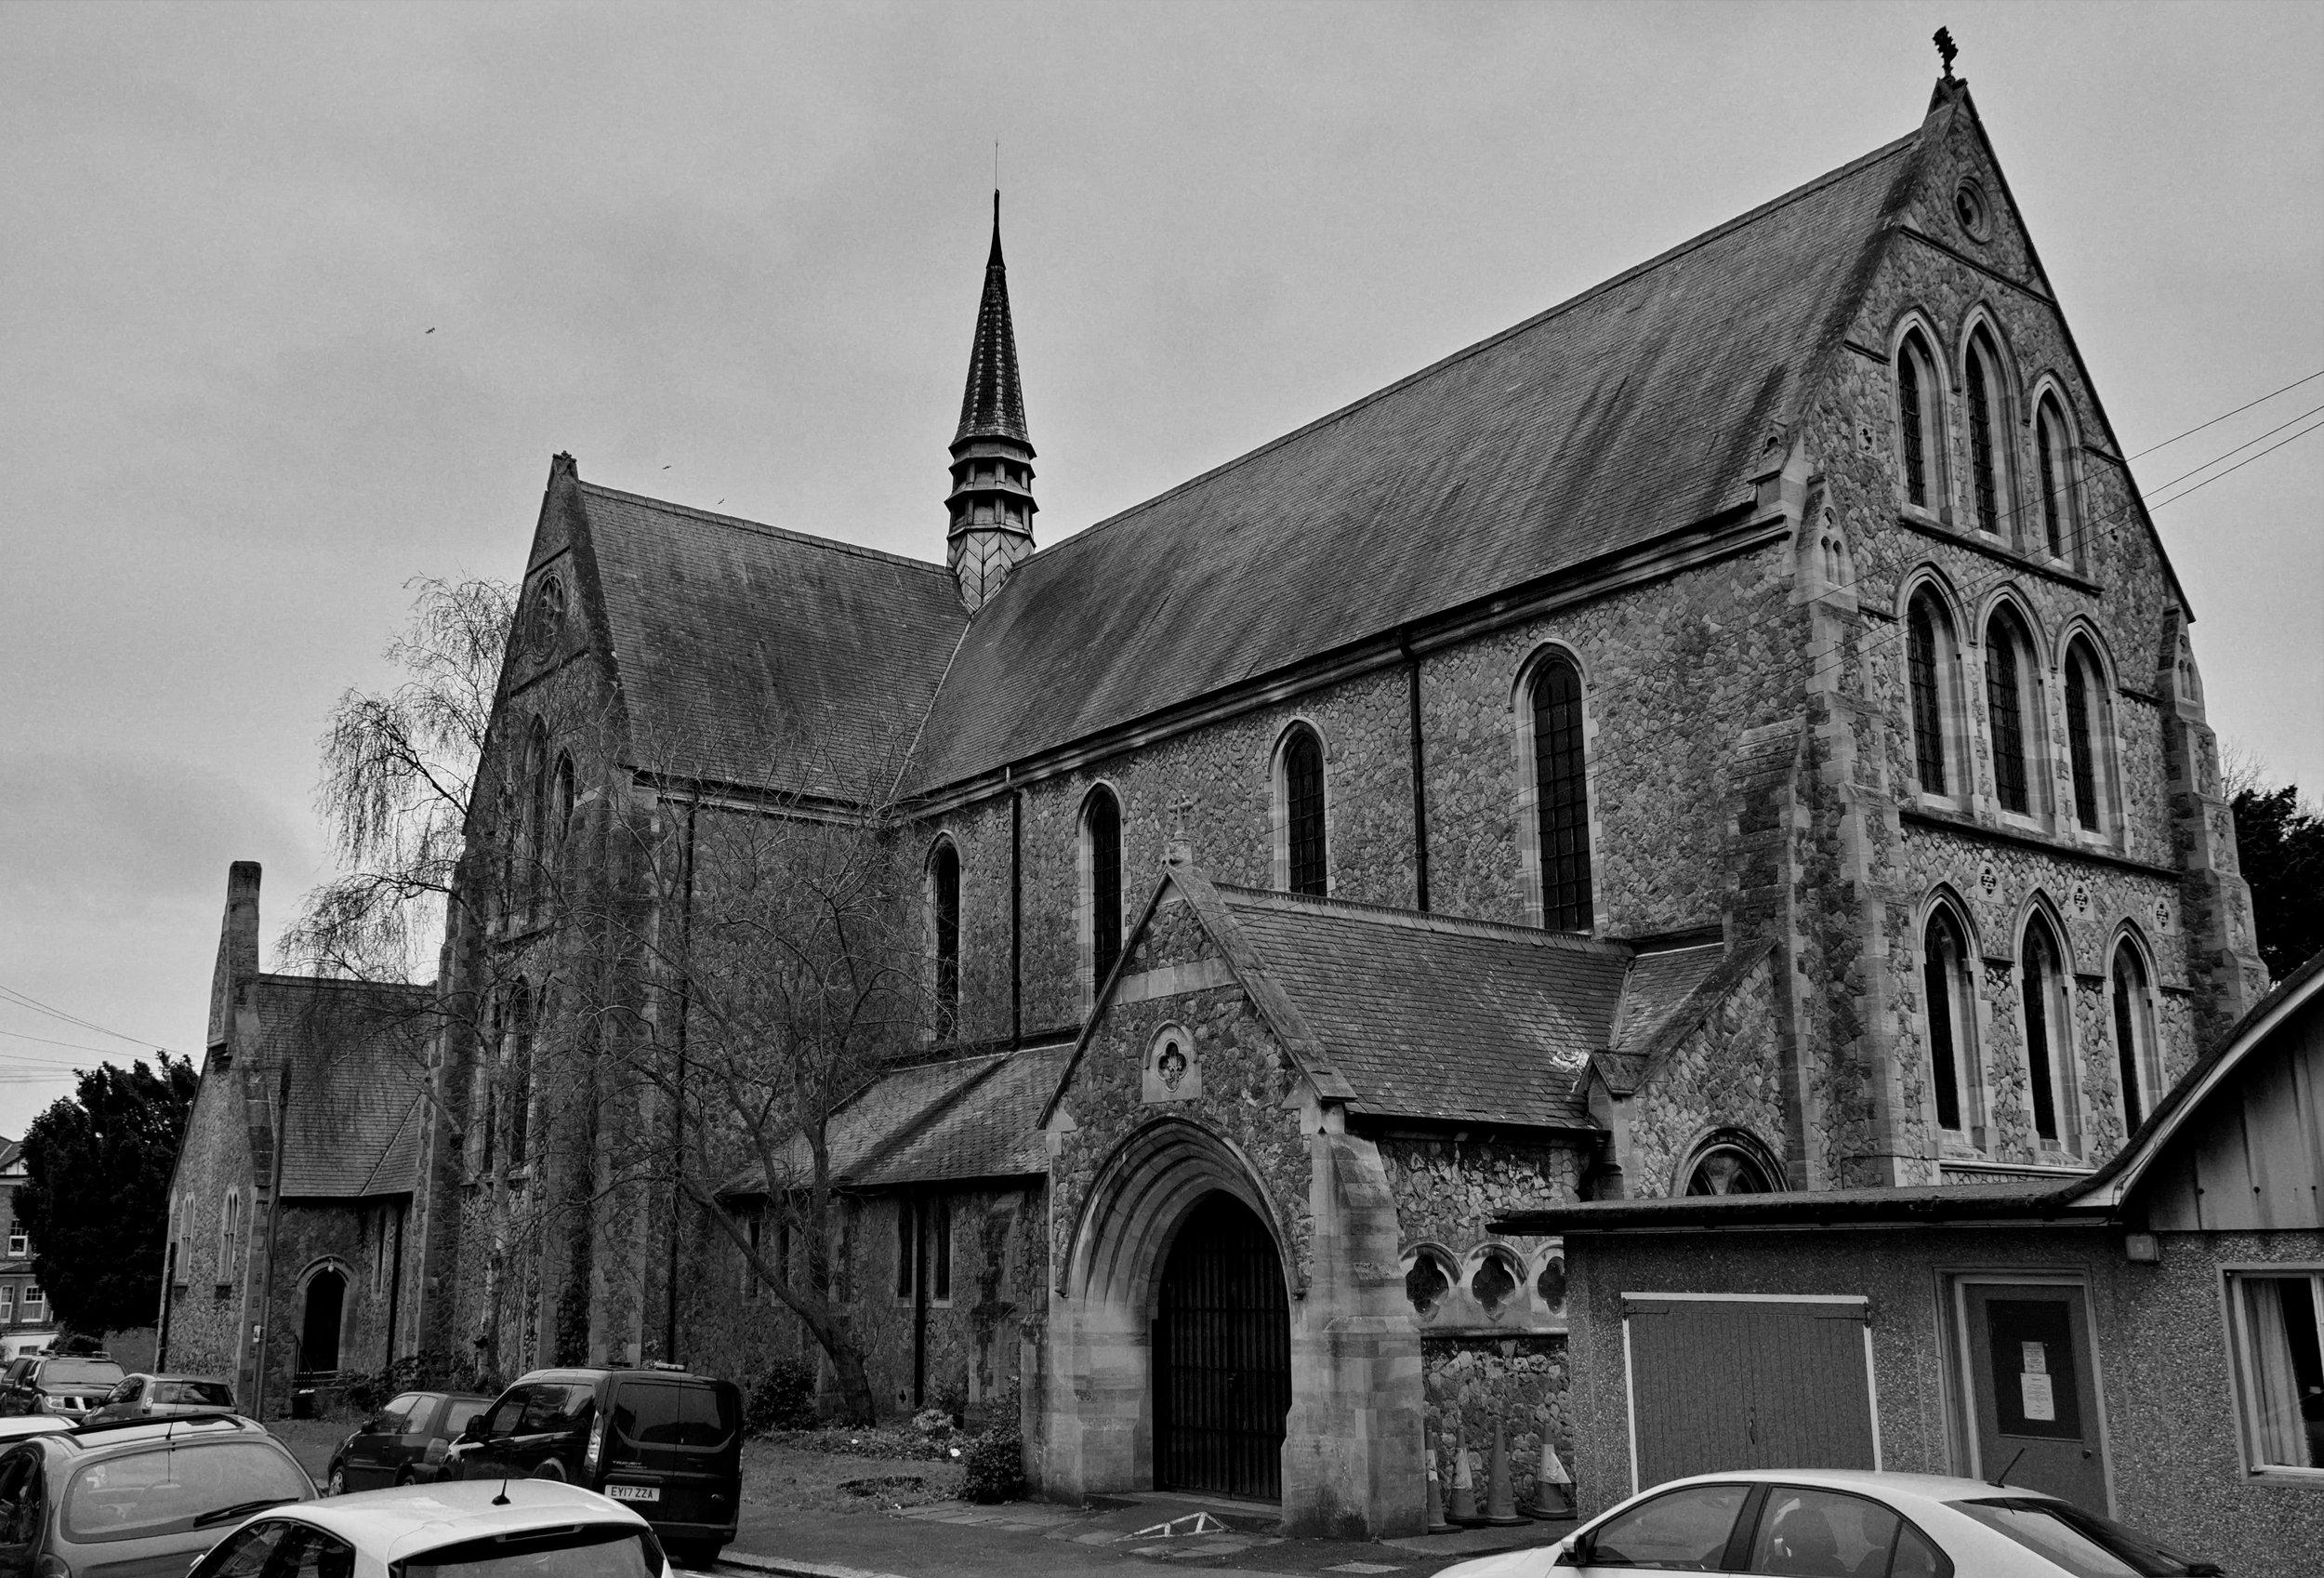 st-peter--st-pauls-church-dover_43883945914_o.jpg